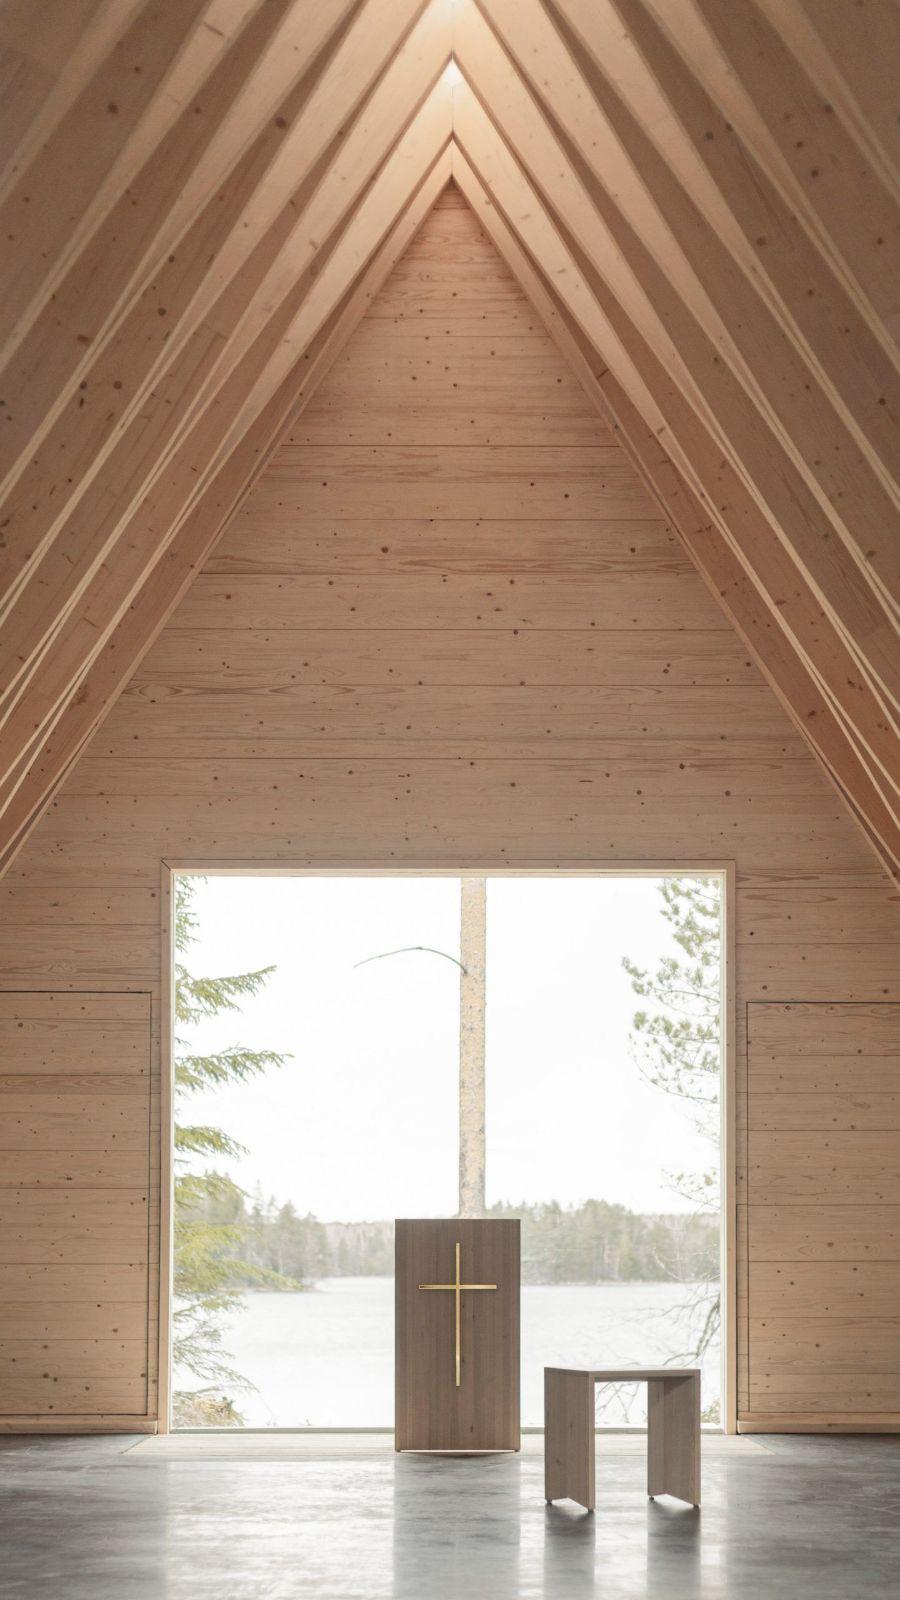 Tervajärvi Forest Chapel by NOAN